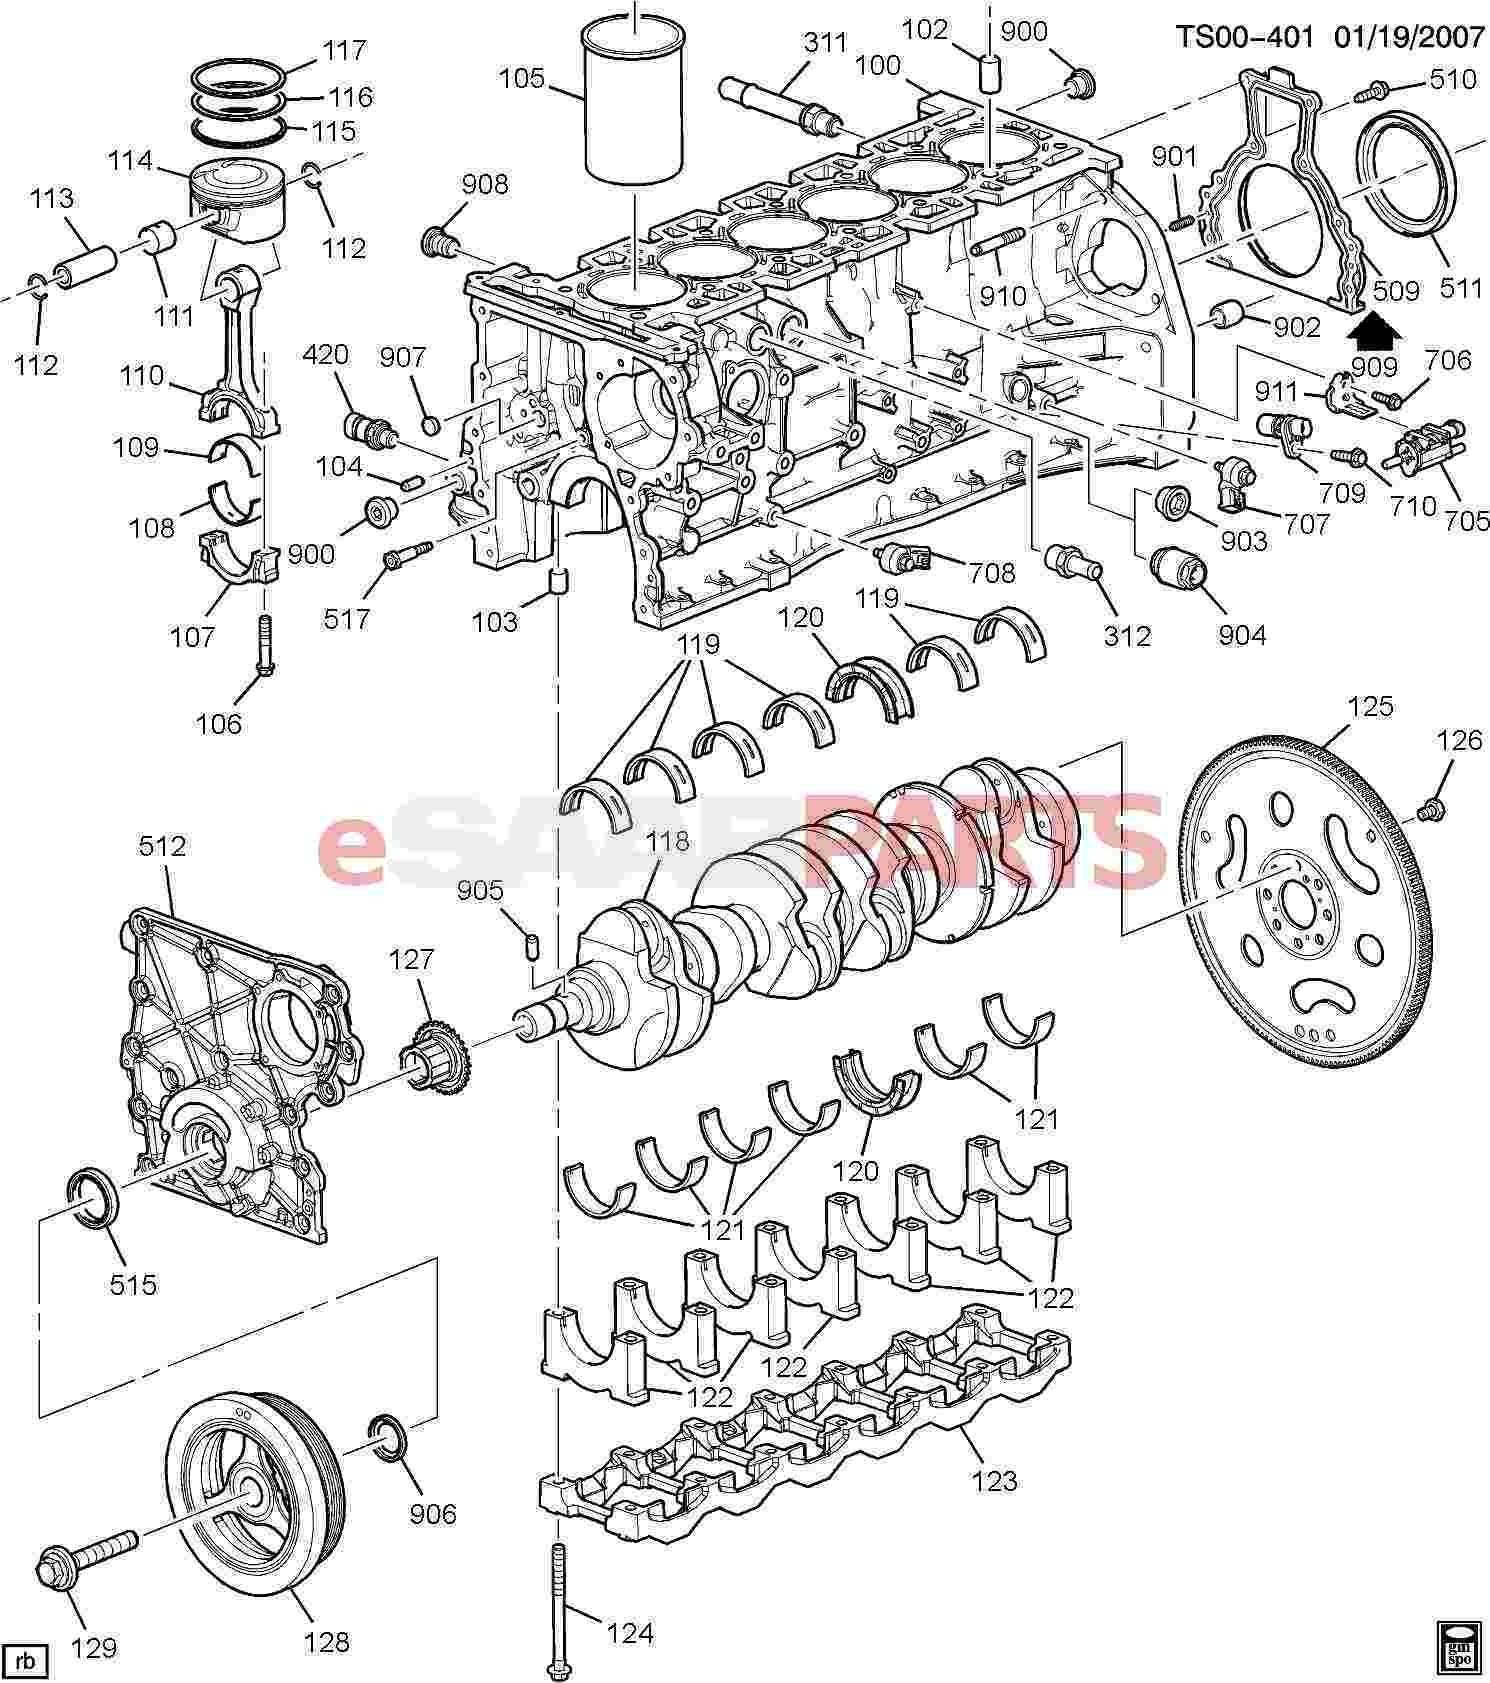 2007 Yukon Parts Diagram - Electrical Work Wiring Diagram • on parts for 2007 yukon, fuse diagram for 2007 yukon, wiring diagram for 2001 yukon, wiring diagram for 2005 yukon, wiring diagram for gmc sierra,